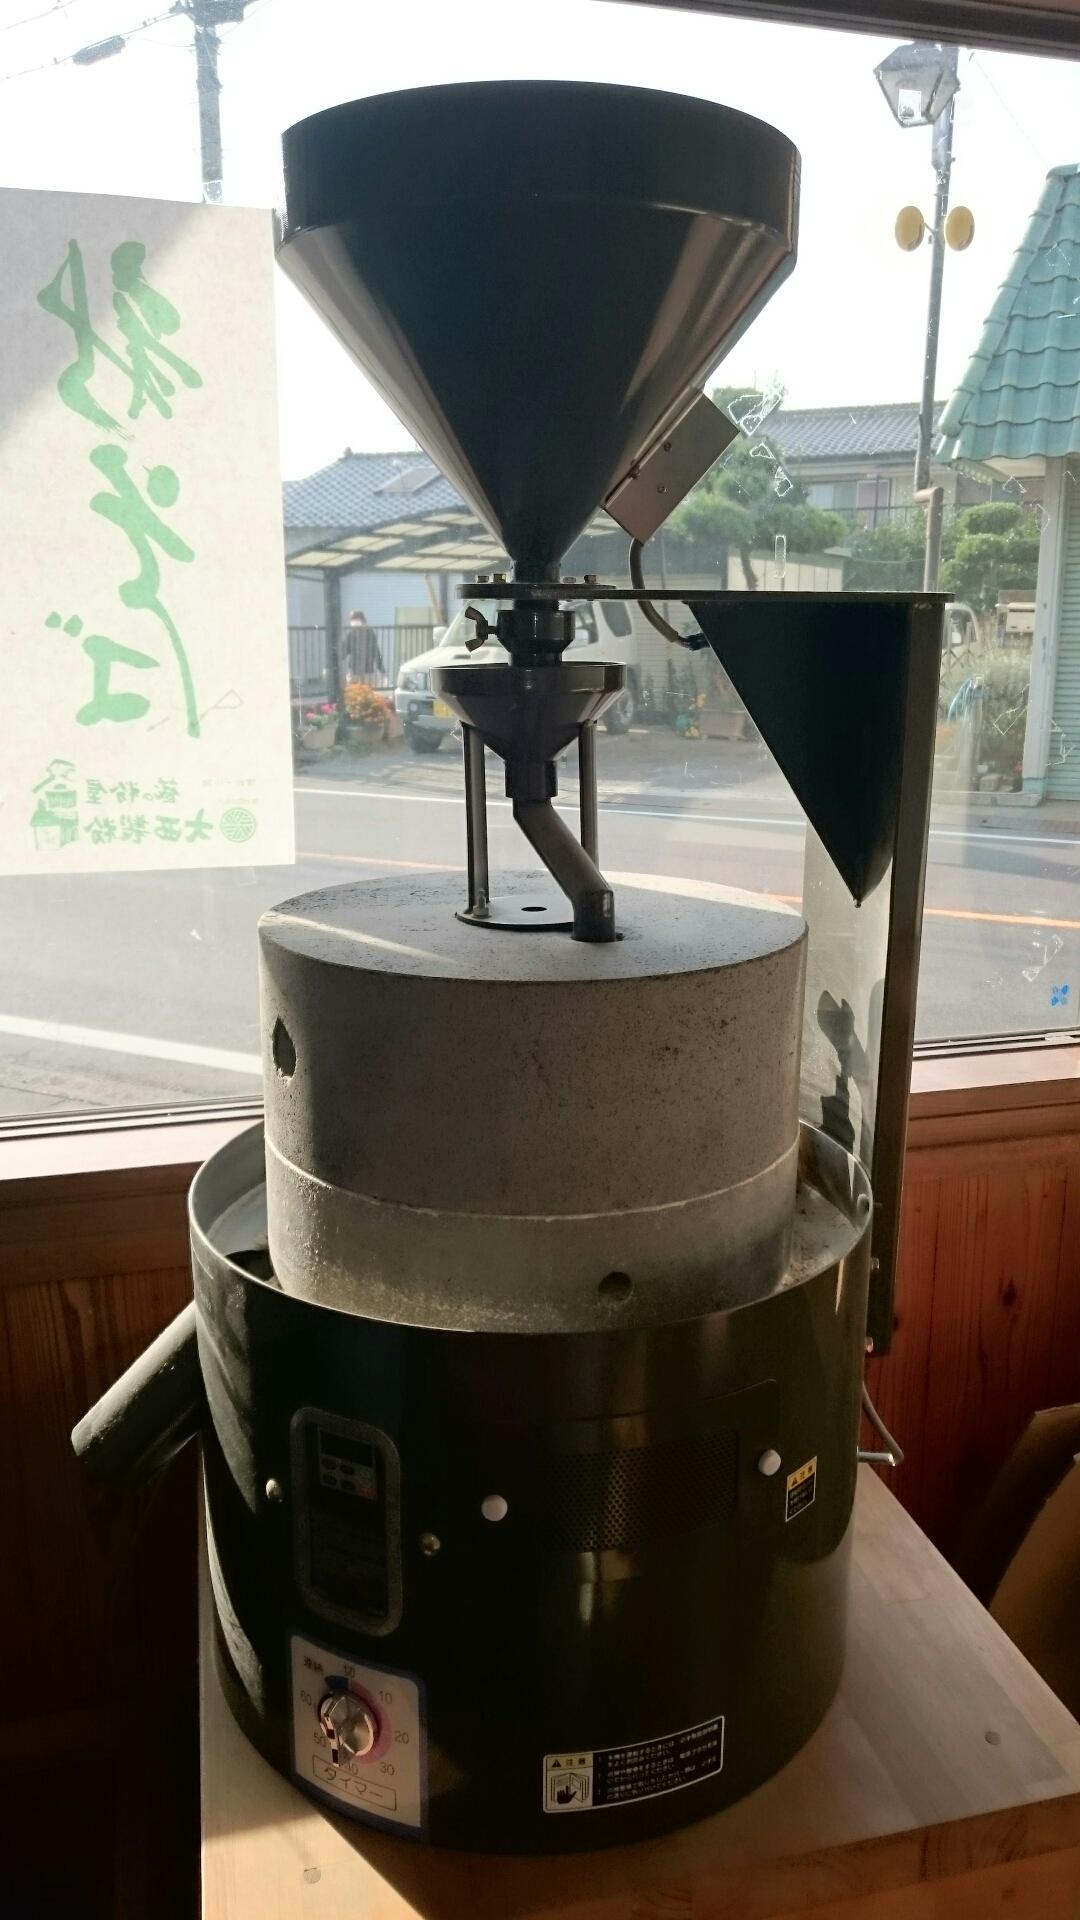 加須のうどん屋岡安製麺から定休日のお知らせ